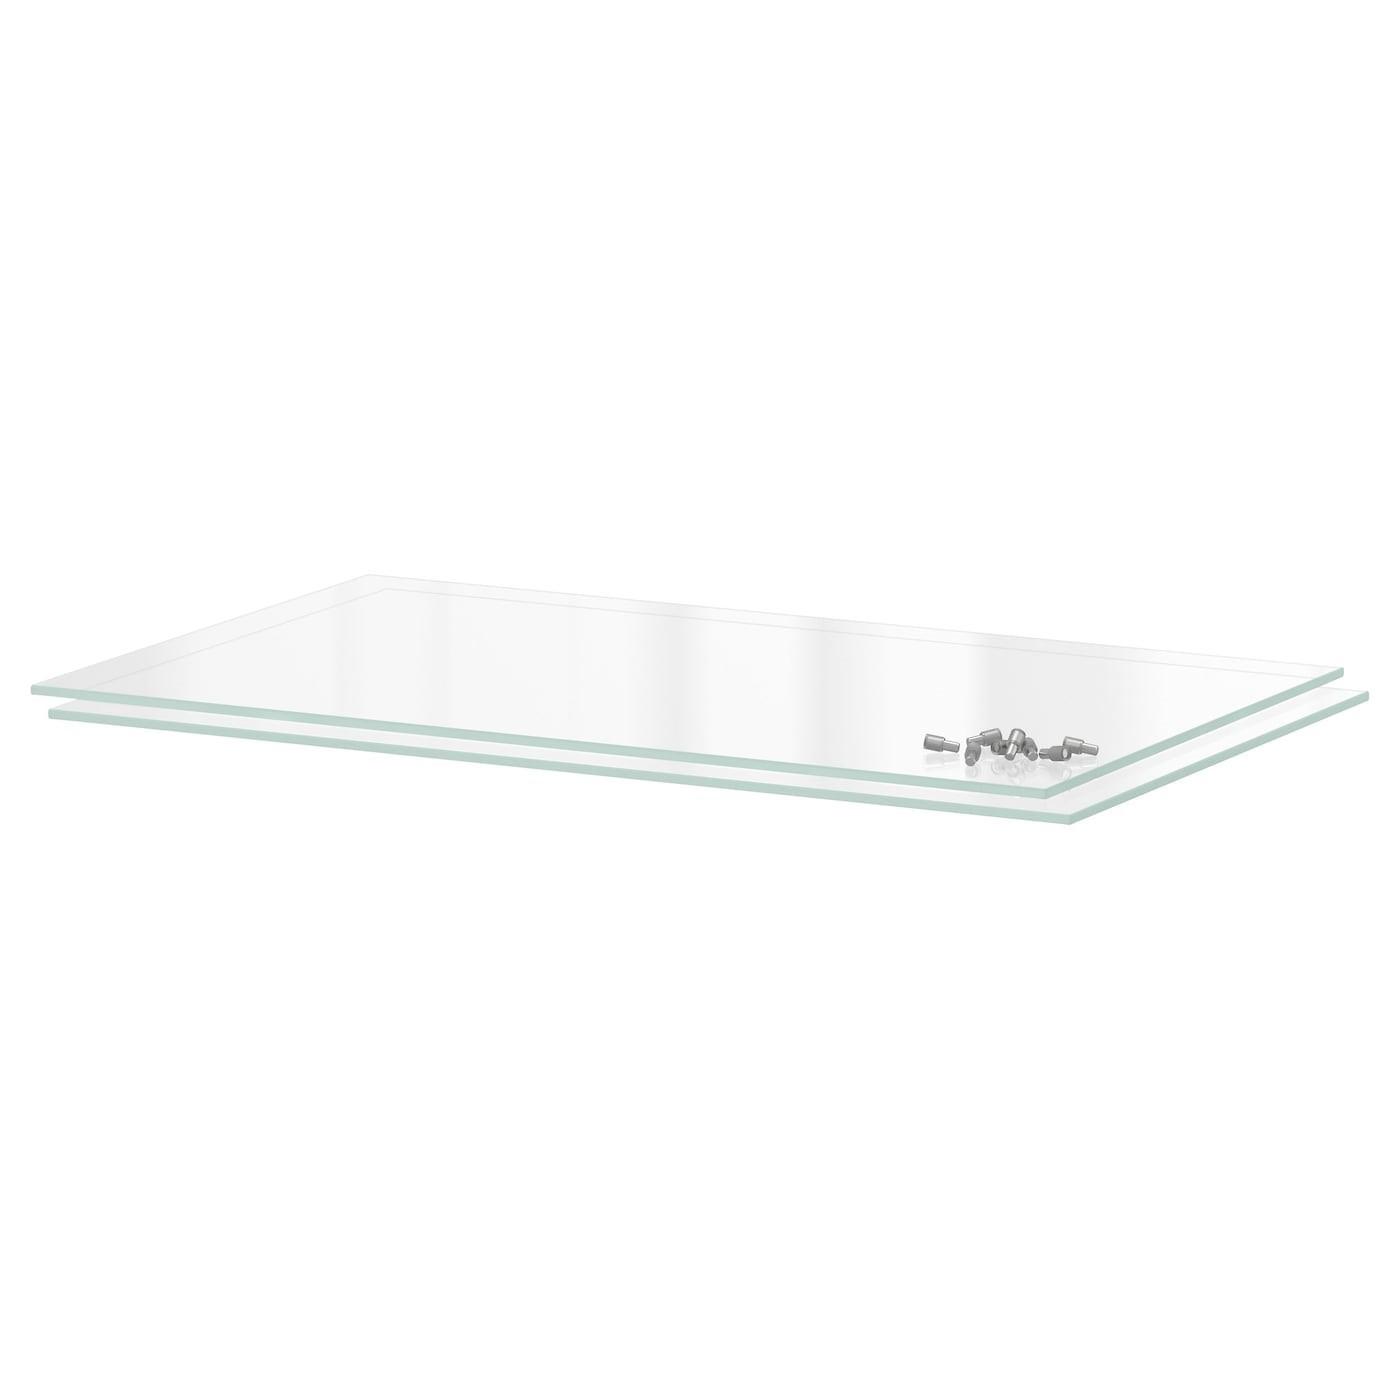 IKEA UTRUSTA полка стекло 56.3x34.6 см 90205605